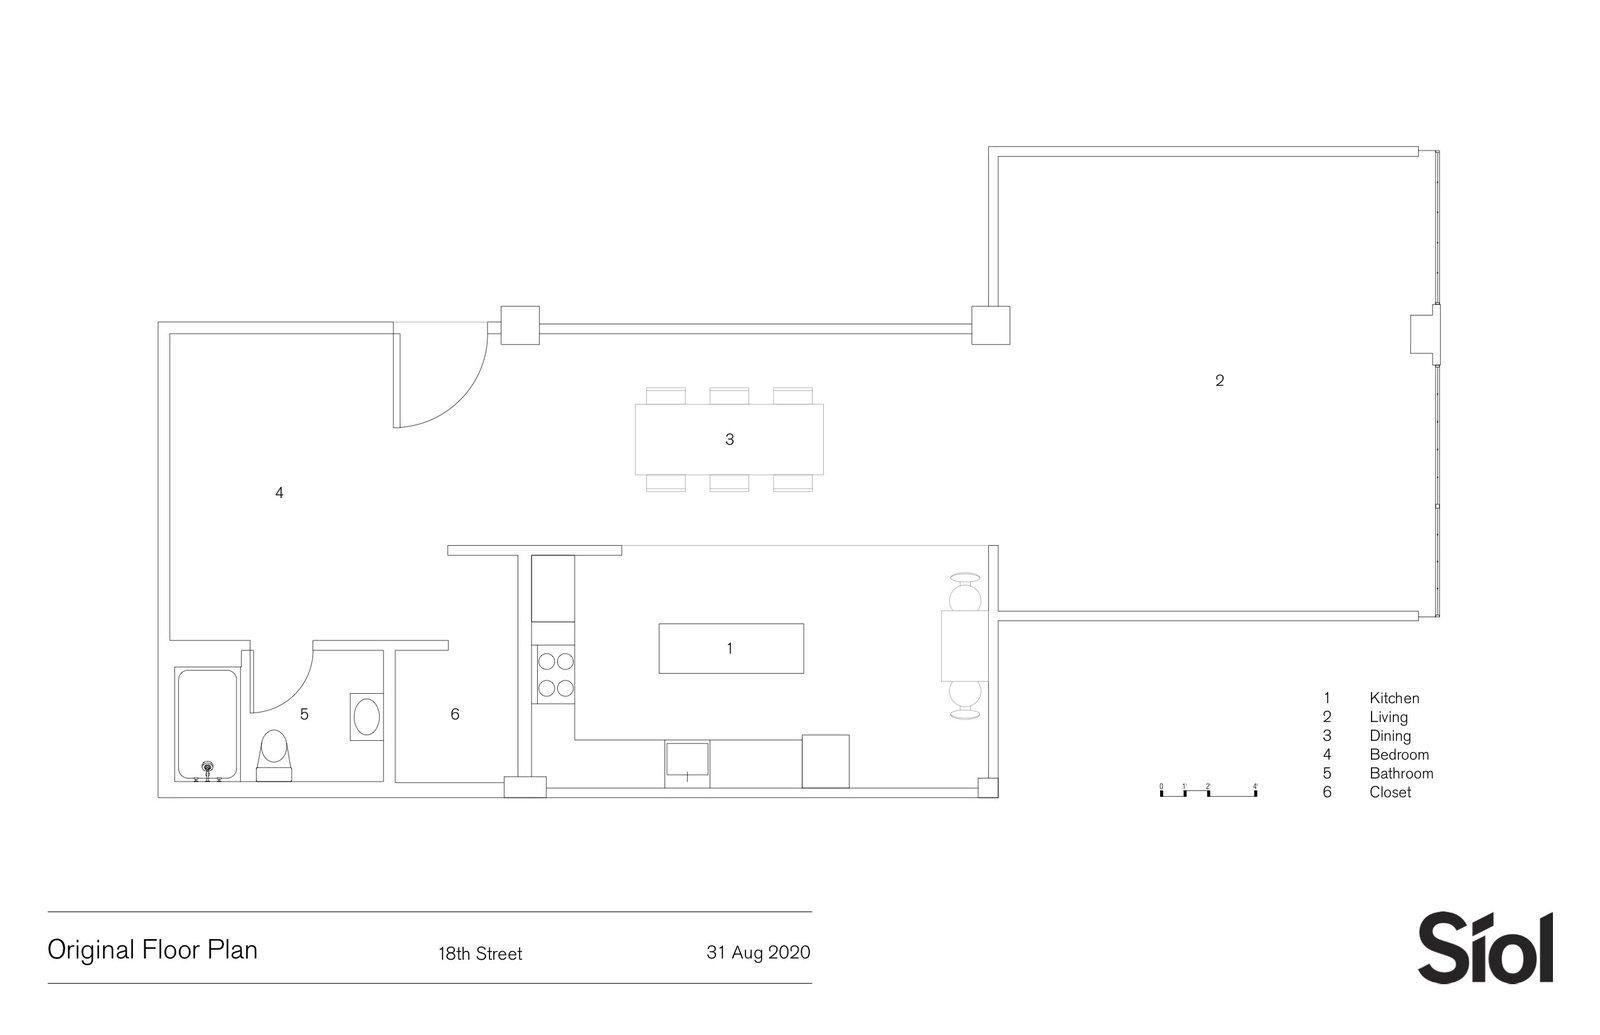 18th Street Loft original floor plan